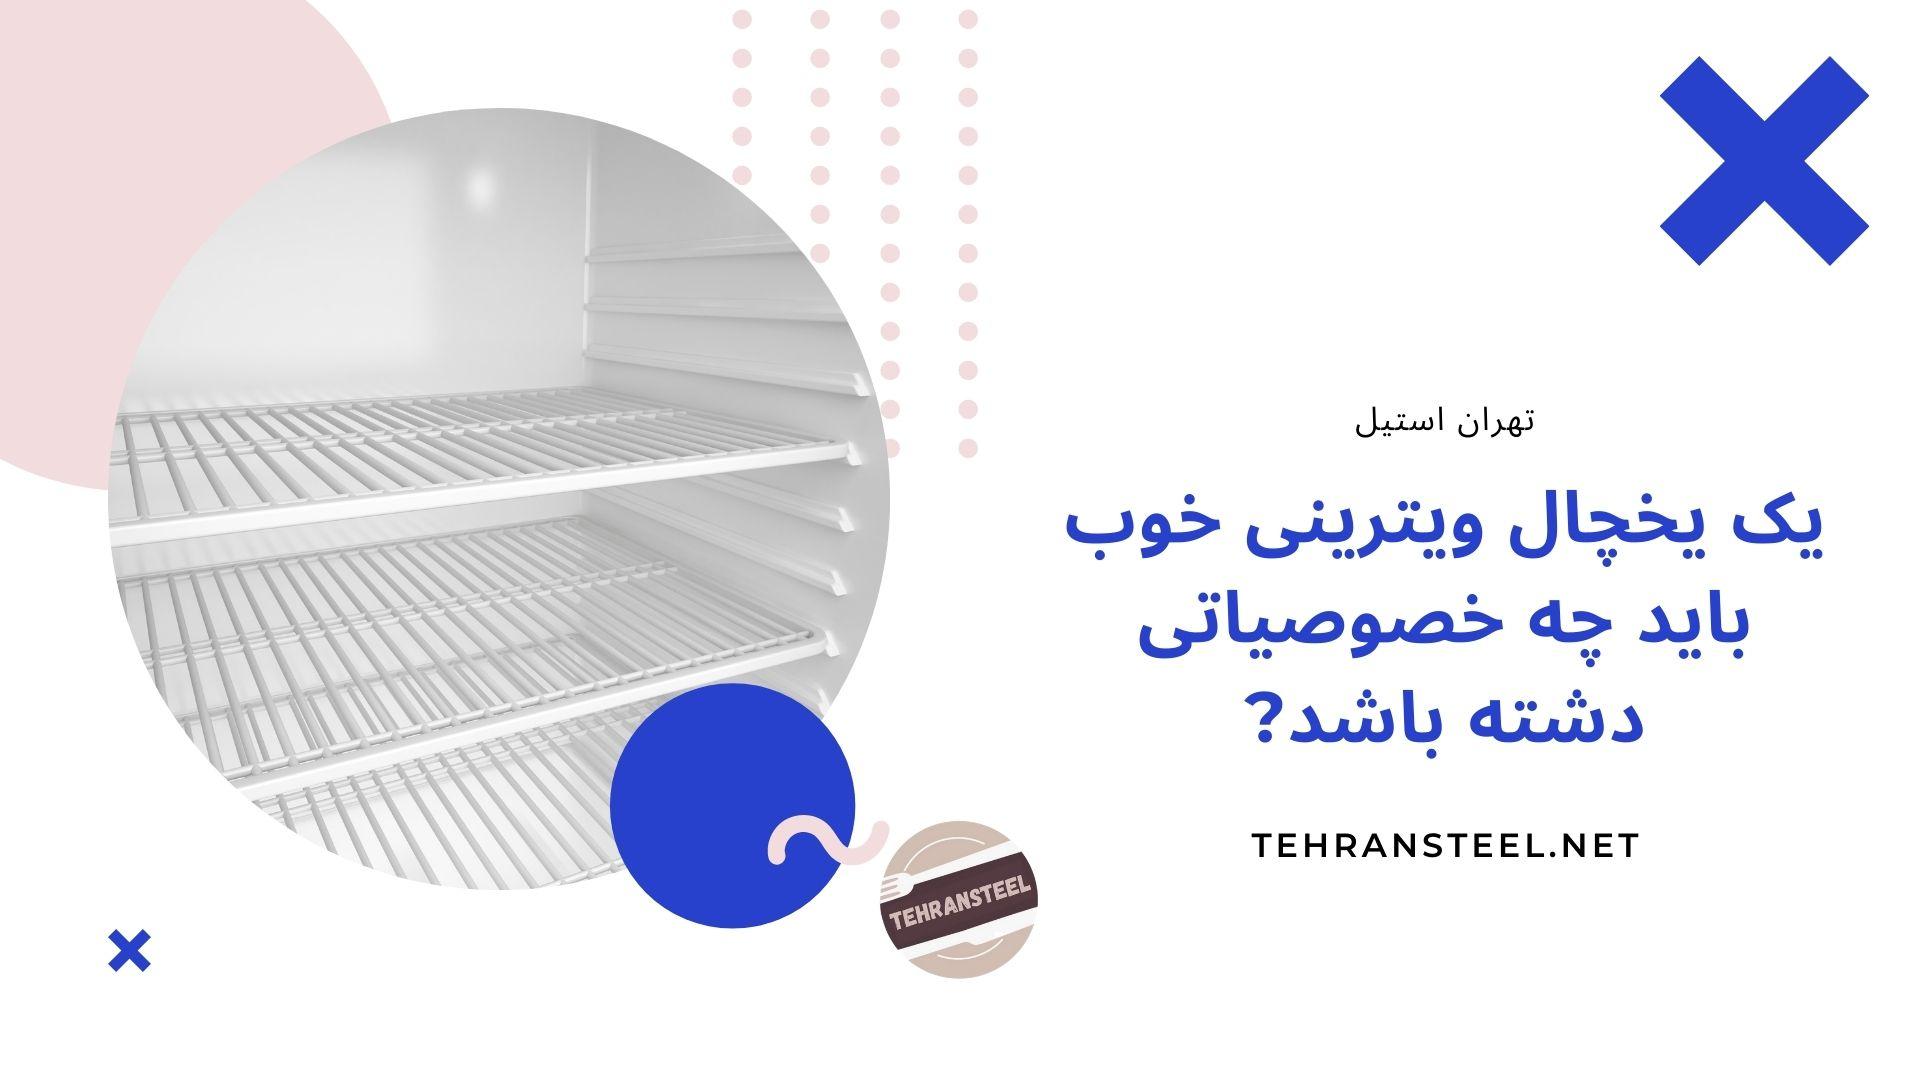 یک یخچال ویترینی خوب باید چه خصوصیاتی دشته باشد